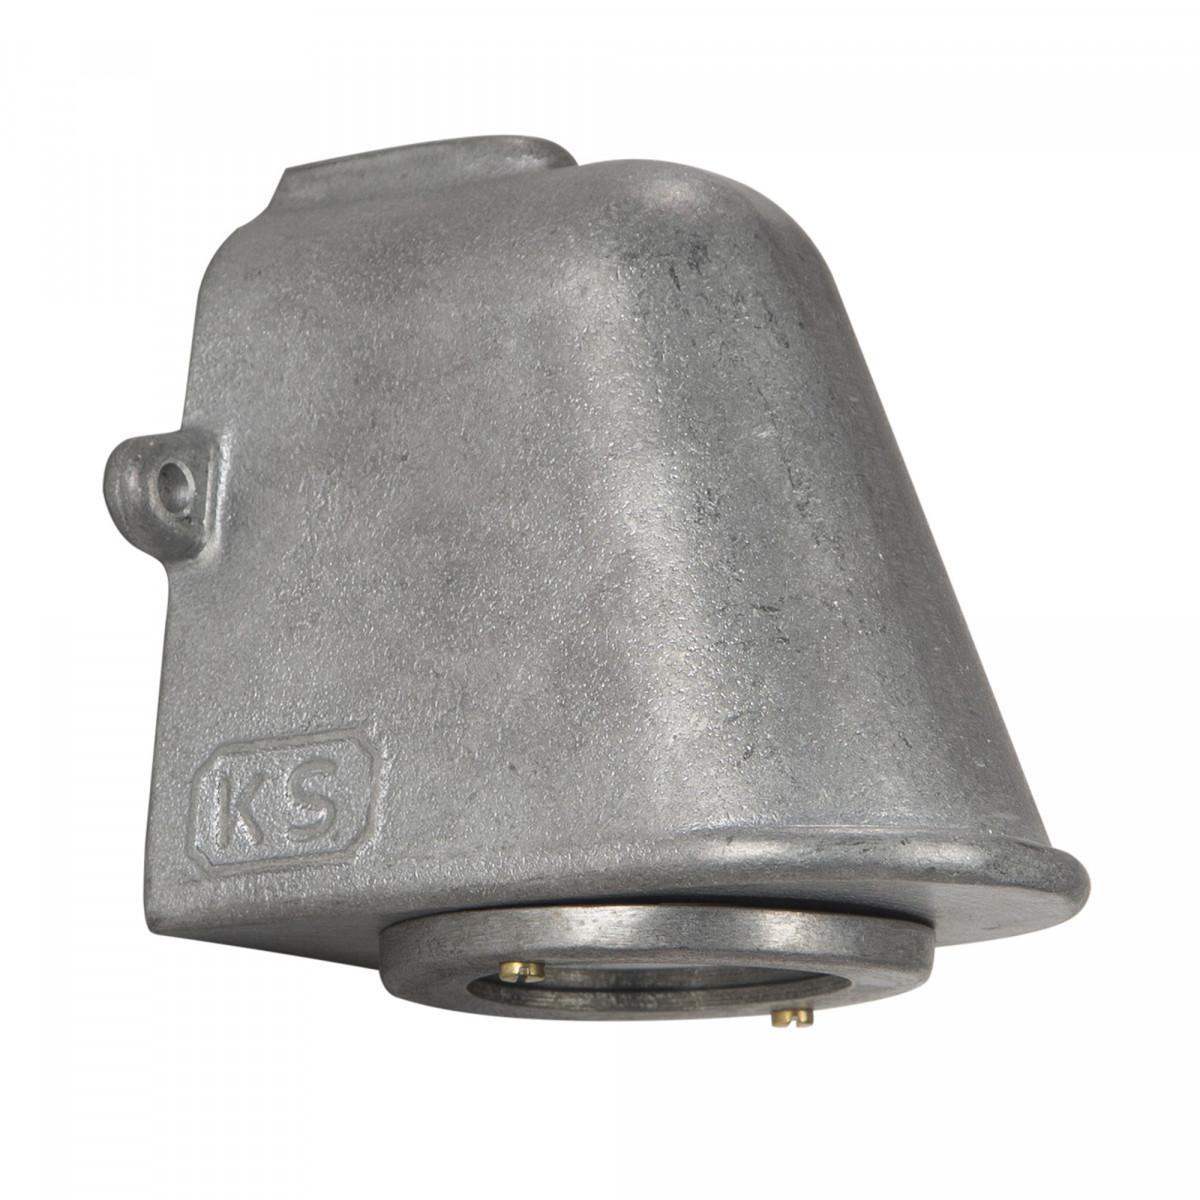 industriele lamp - Offshore Ruw Aluminium (6505) - KS Verlichting - Maritiem